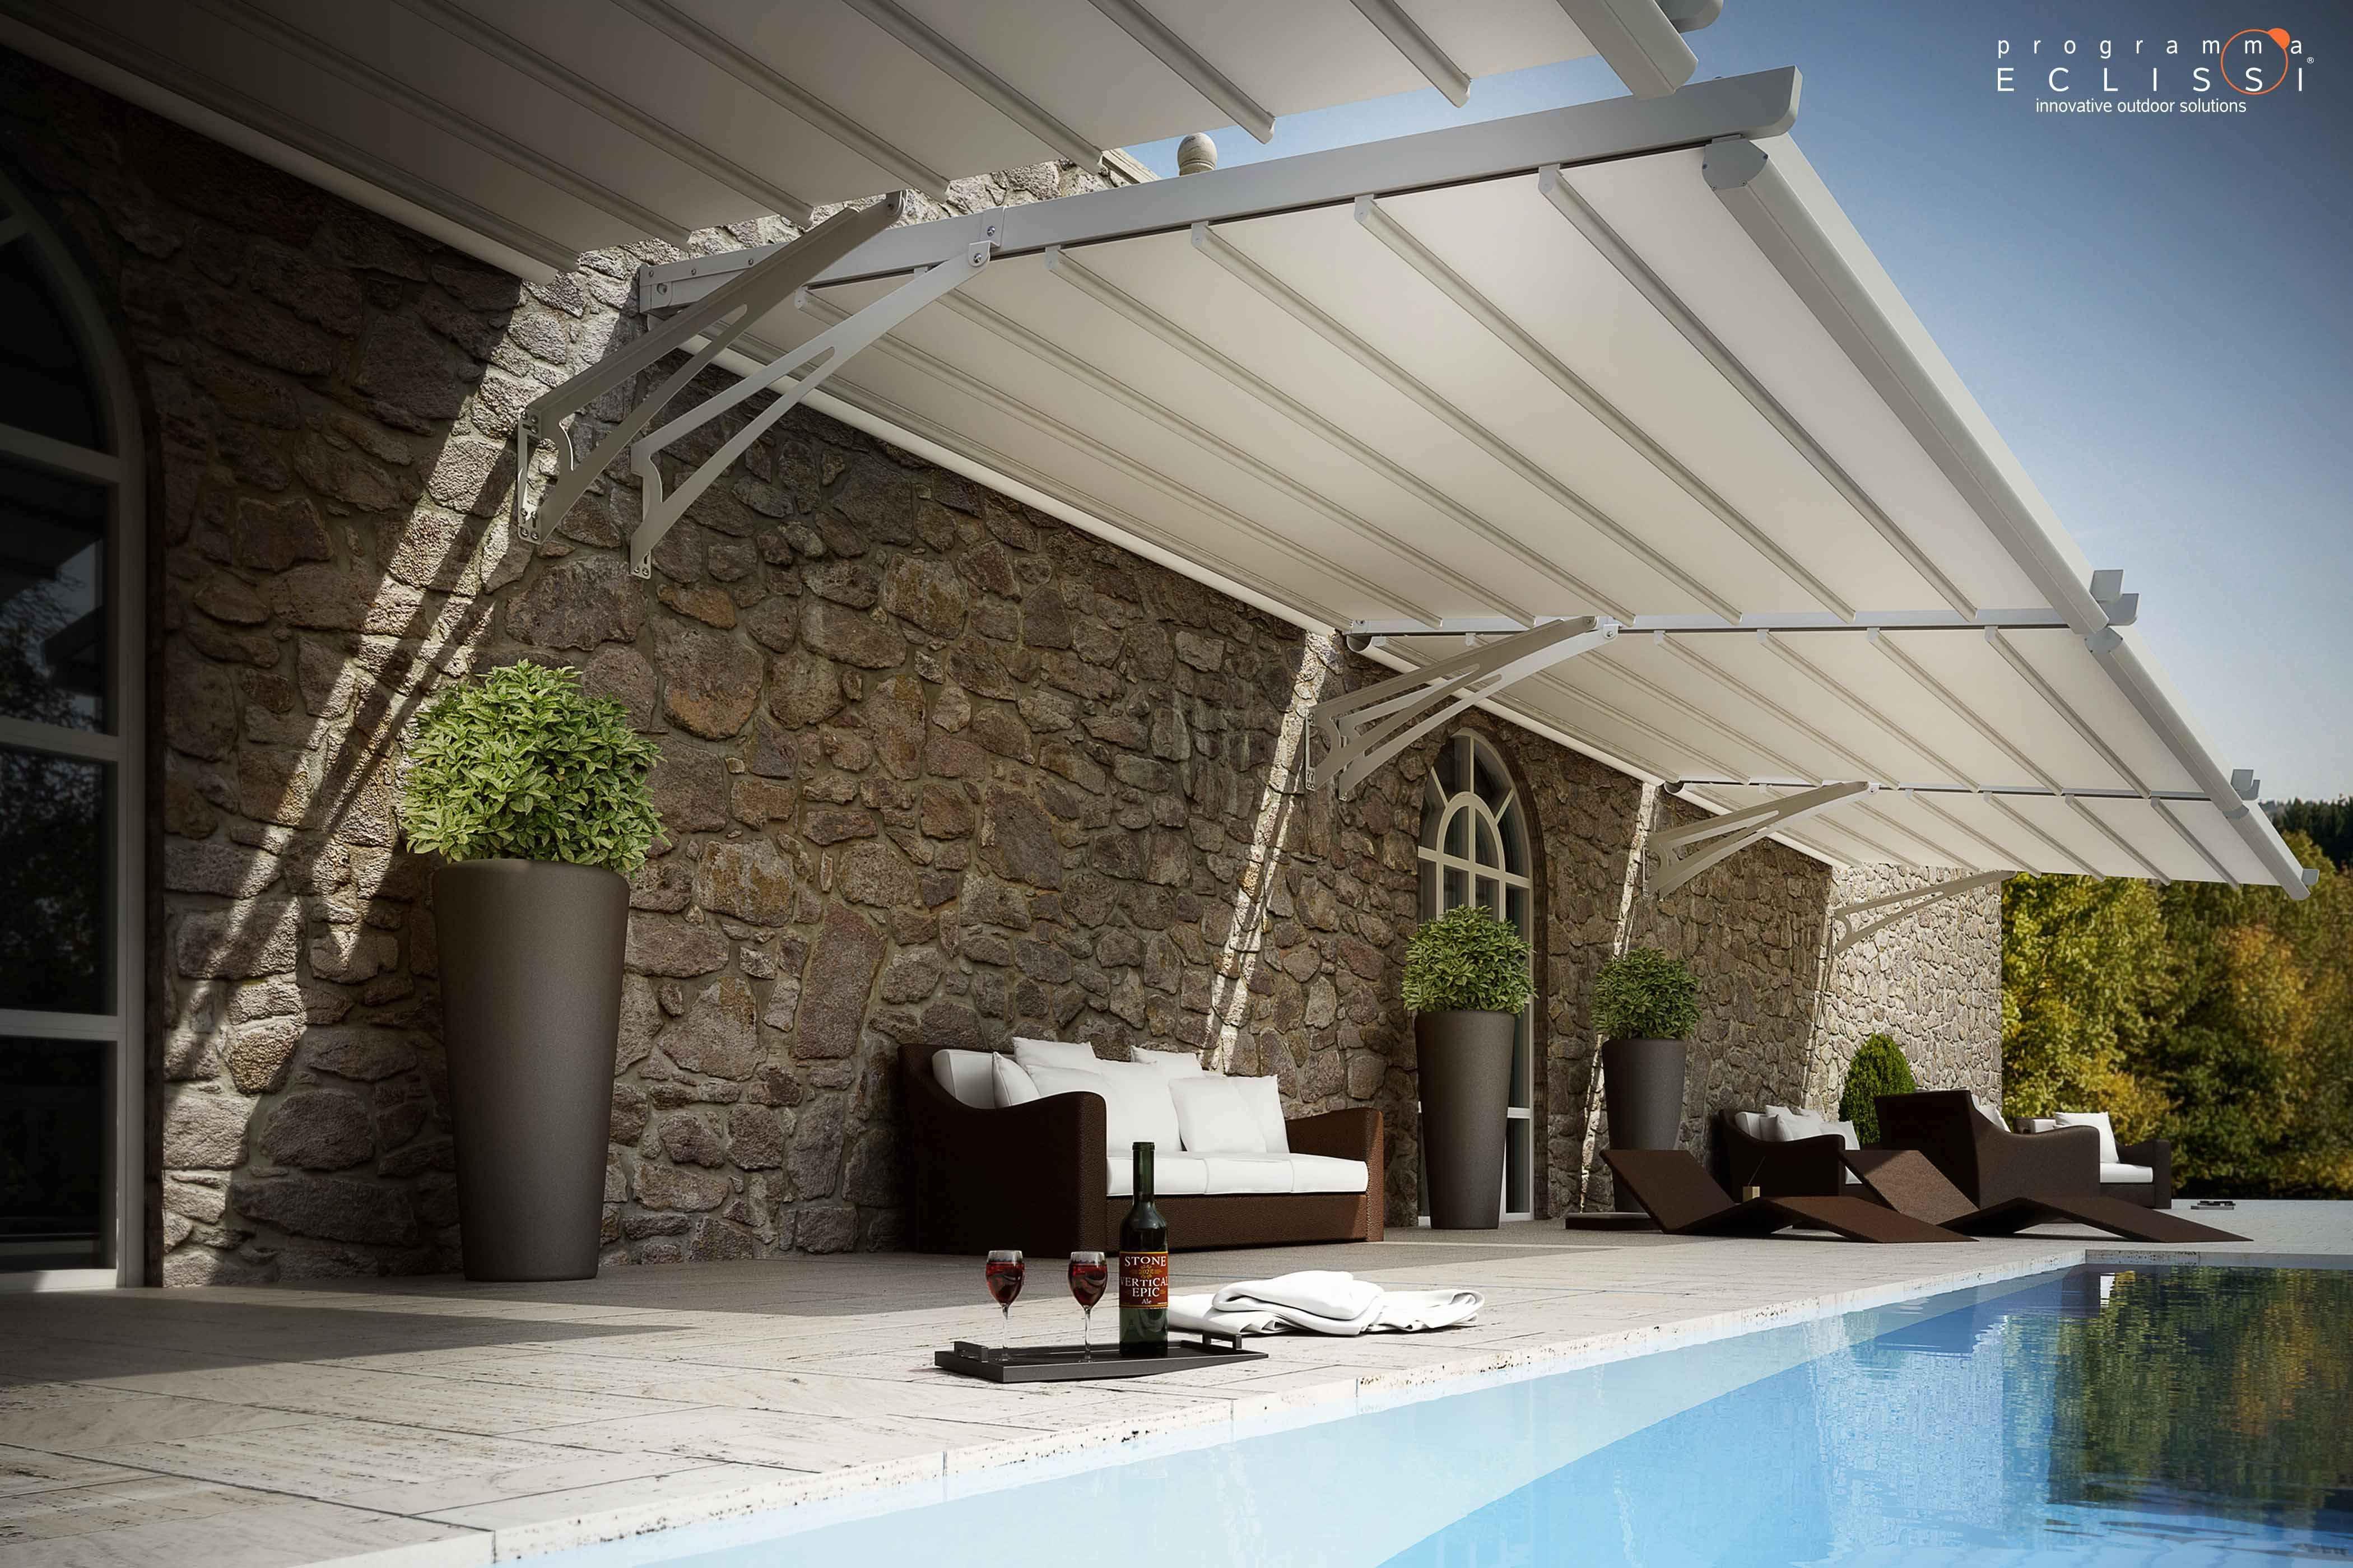 le monde du store fermeture terrasse pergola bache provence alpes cote d azur toulon. Black Bedroom Furniture Sets. Home Design Ideas